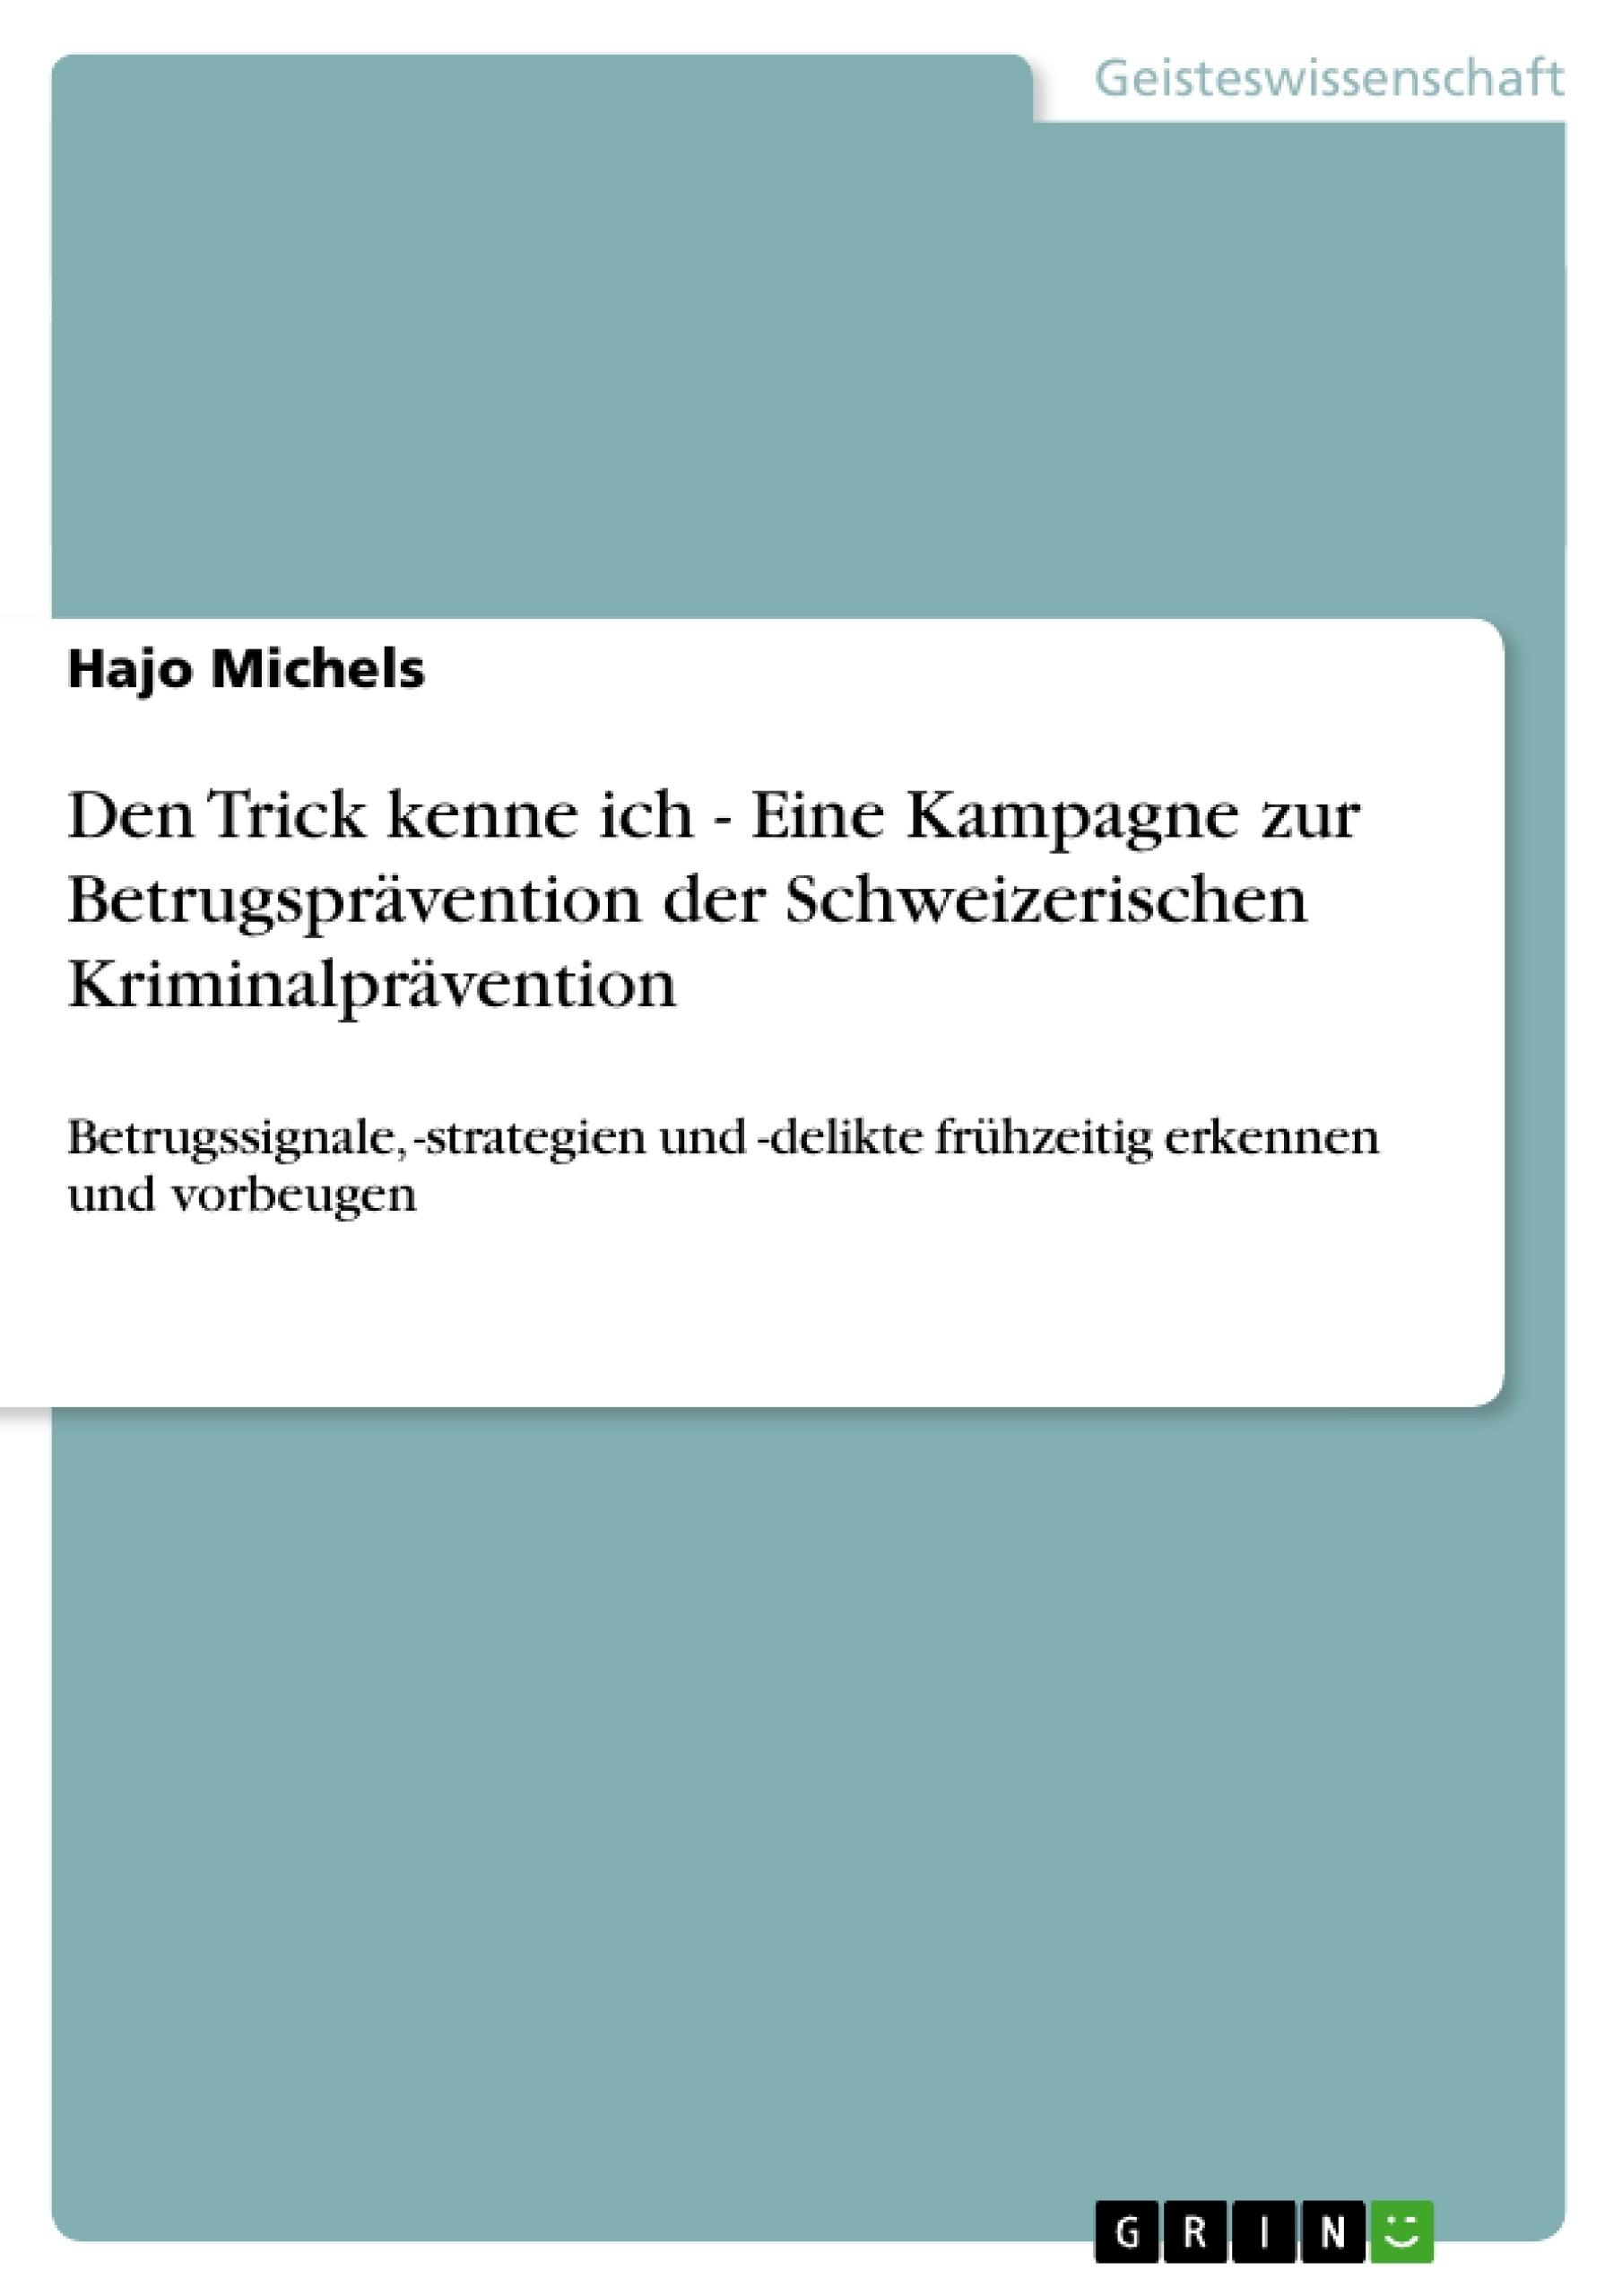 Titel: Den Trick kenne ich - Eine Kampagne zur Betrugsprävention der Schweizerischen Kriminalprävention